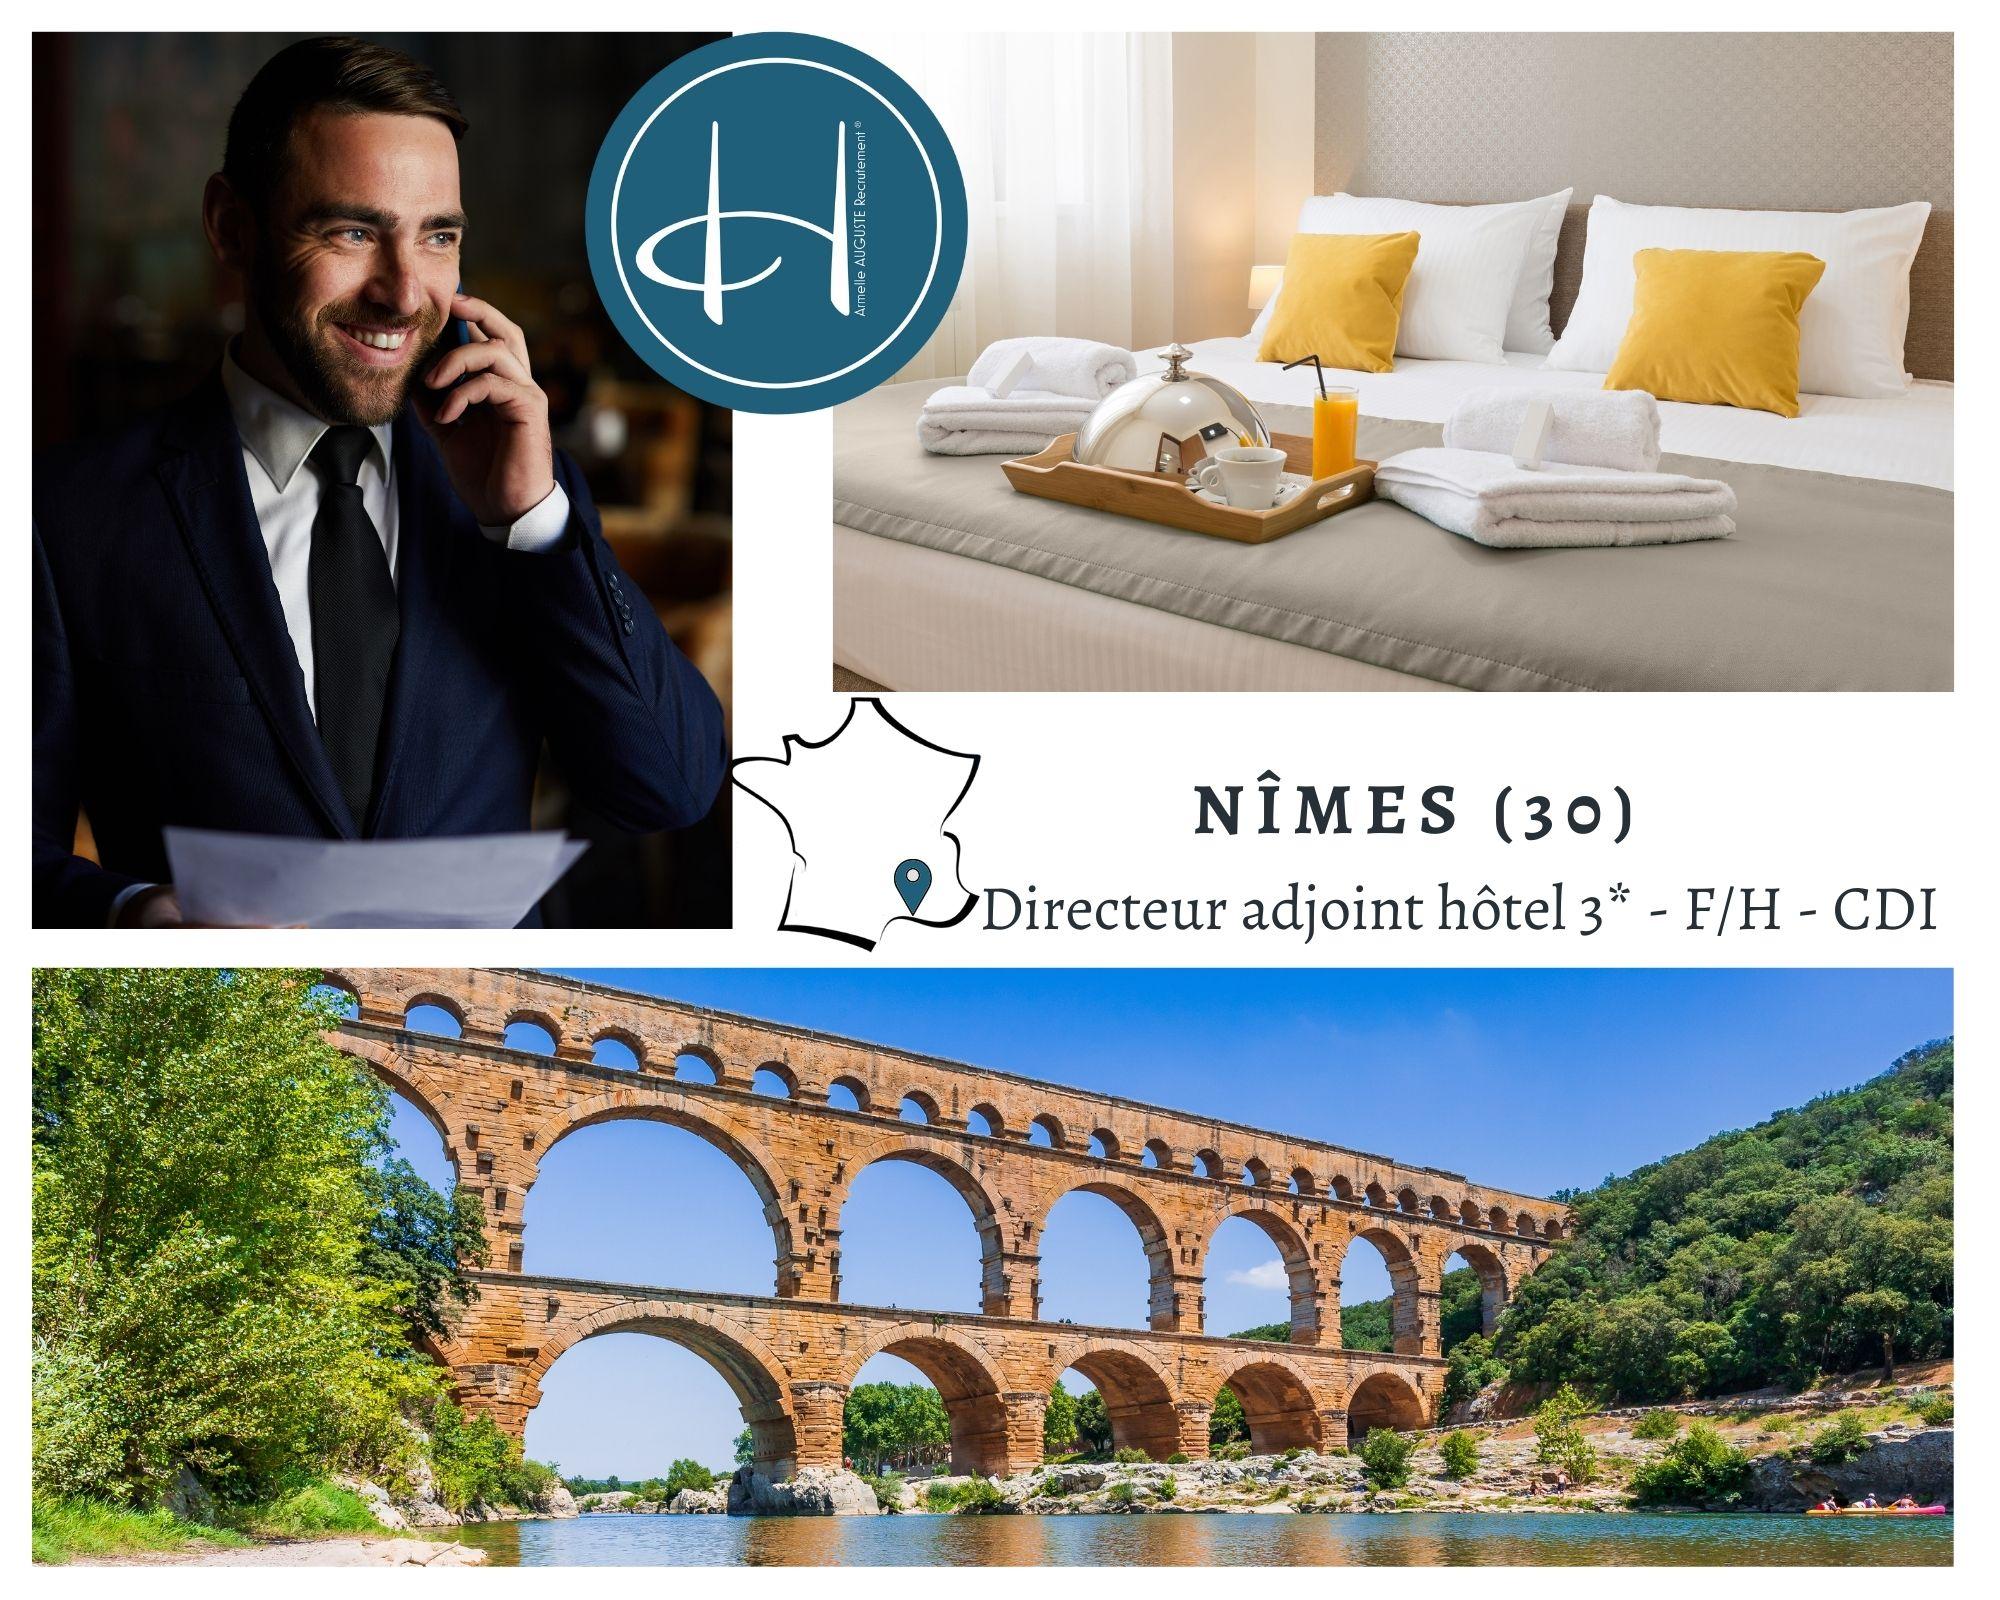 Recrutement: Directeur adjoint hôtel 3* F/H chez Armelle AUGUSTE Recrutement® à Nîmes